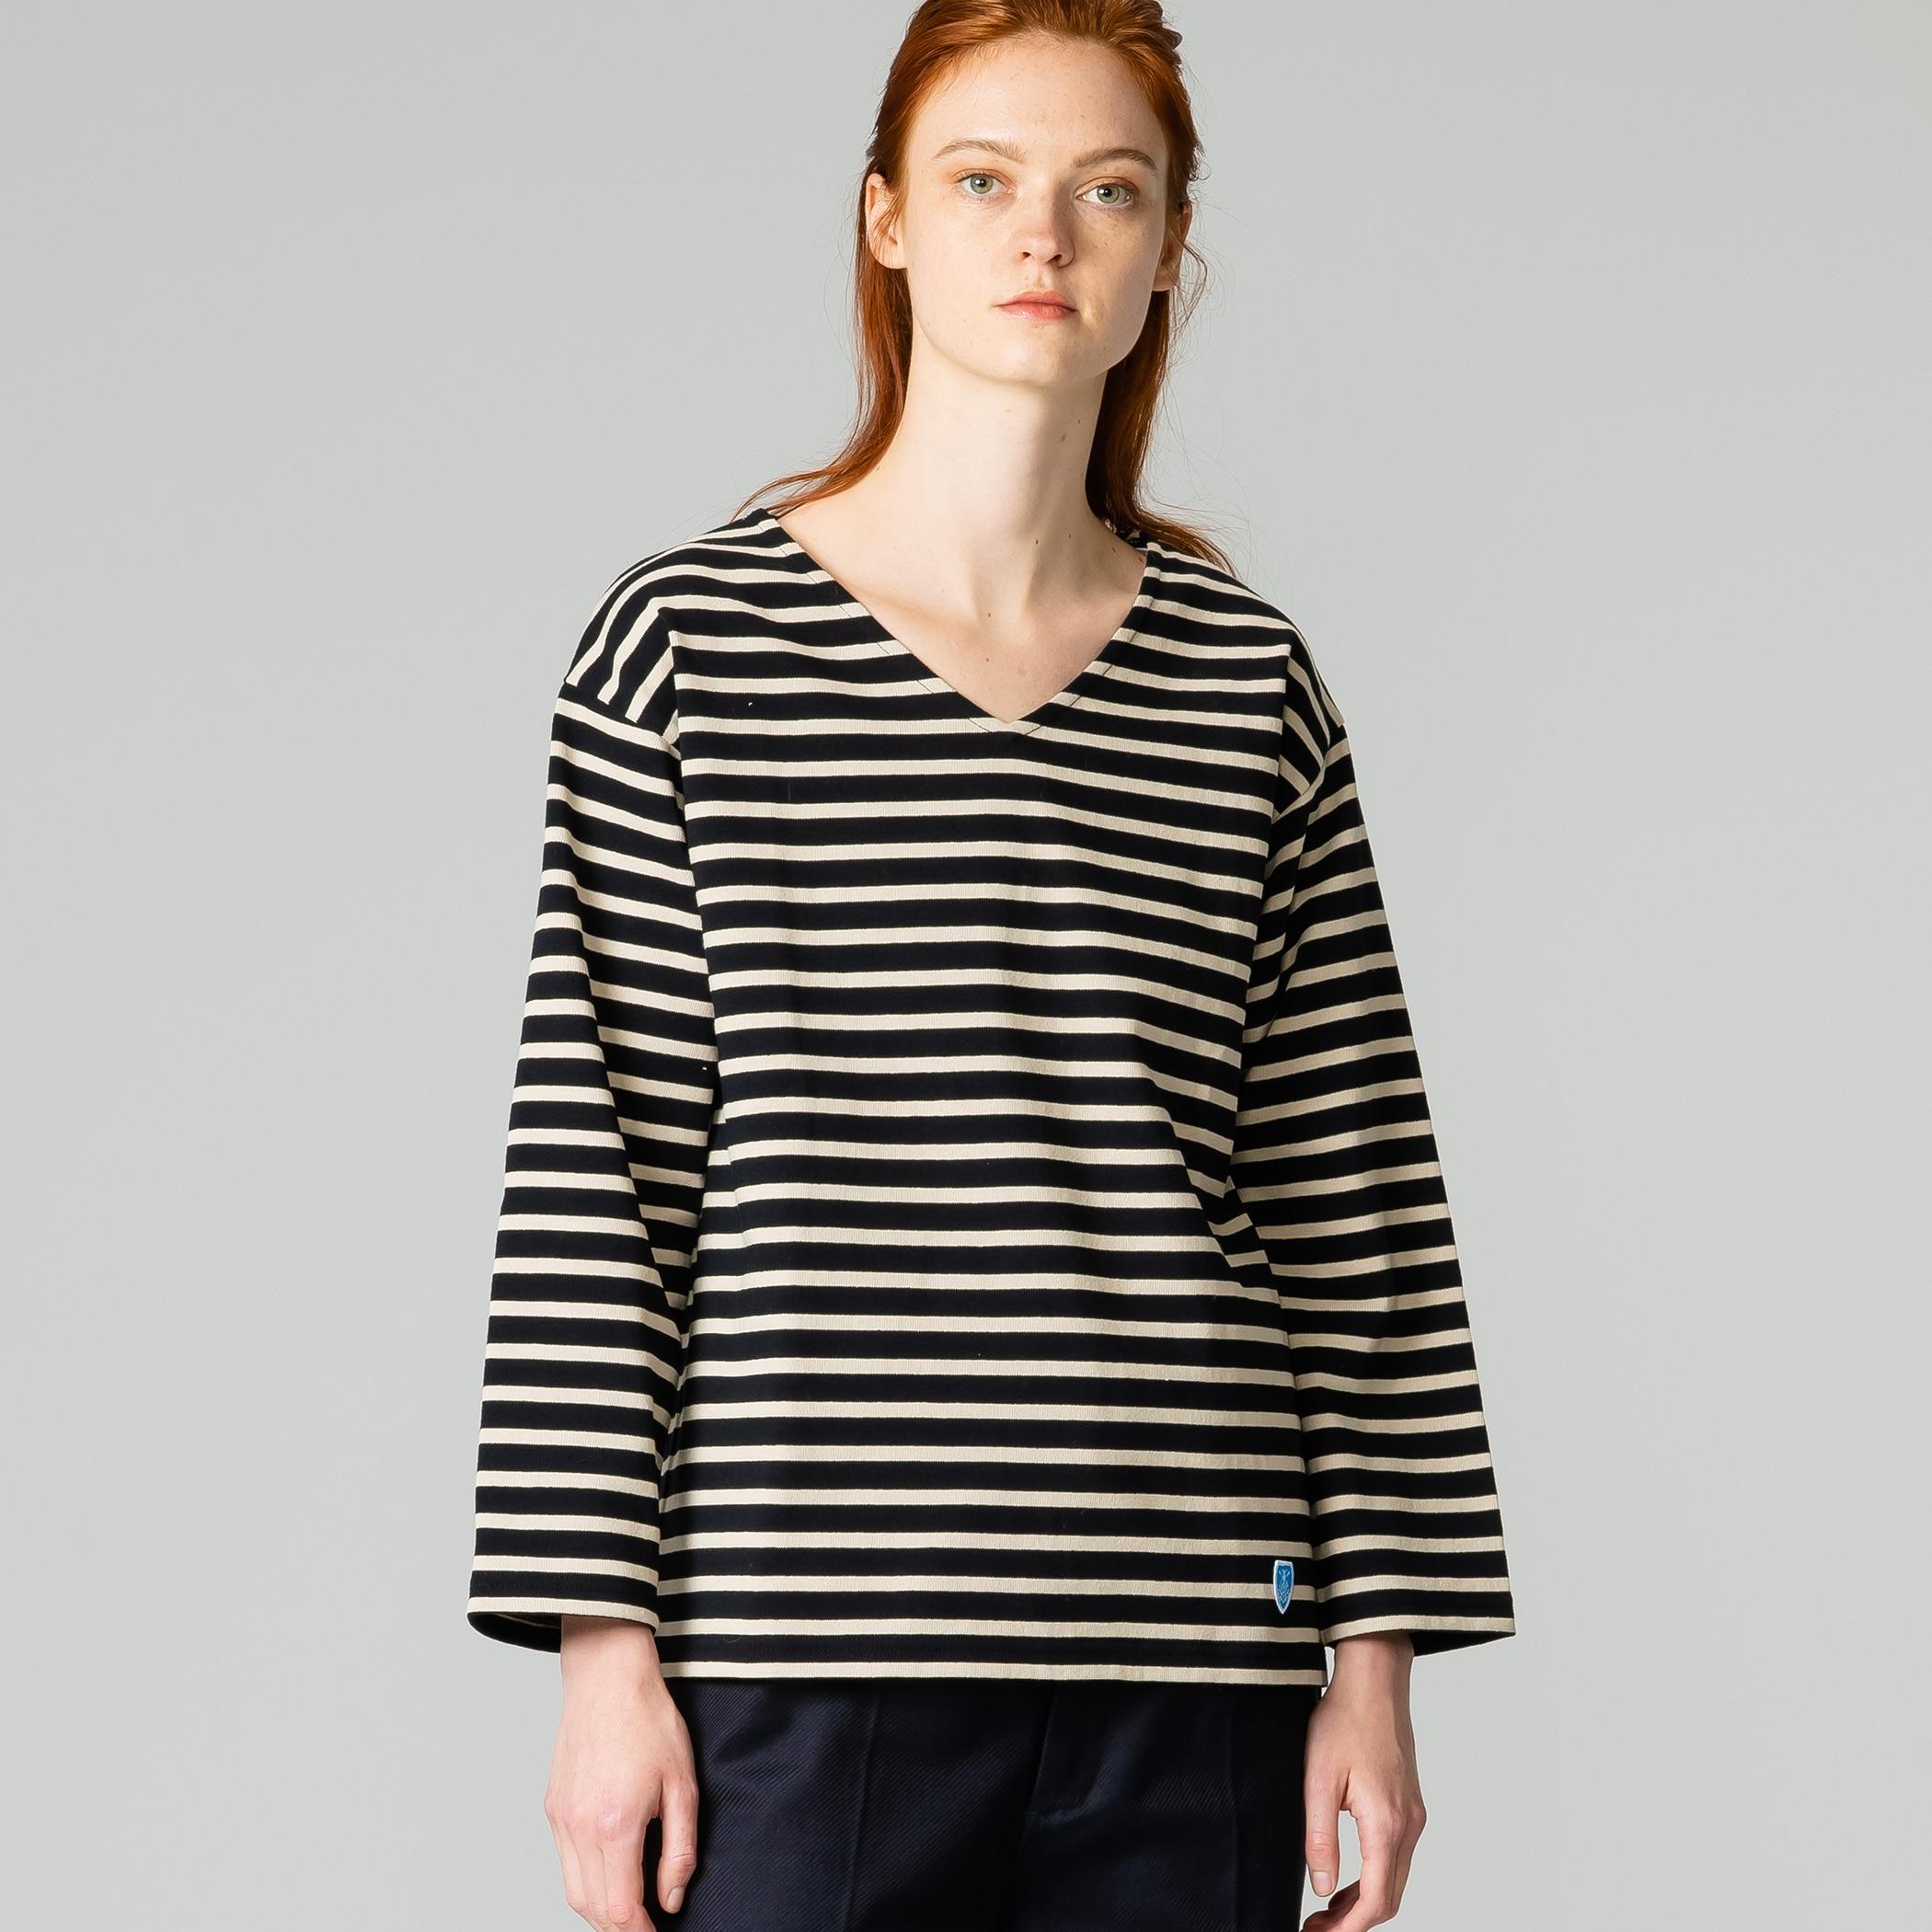 【OUTLET】コットンロード VネックTシャツ WOMEN